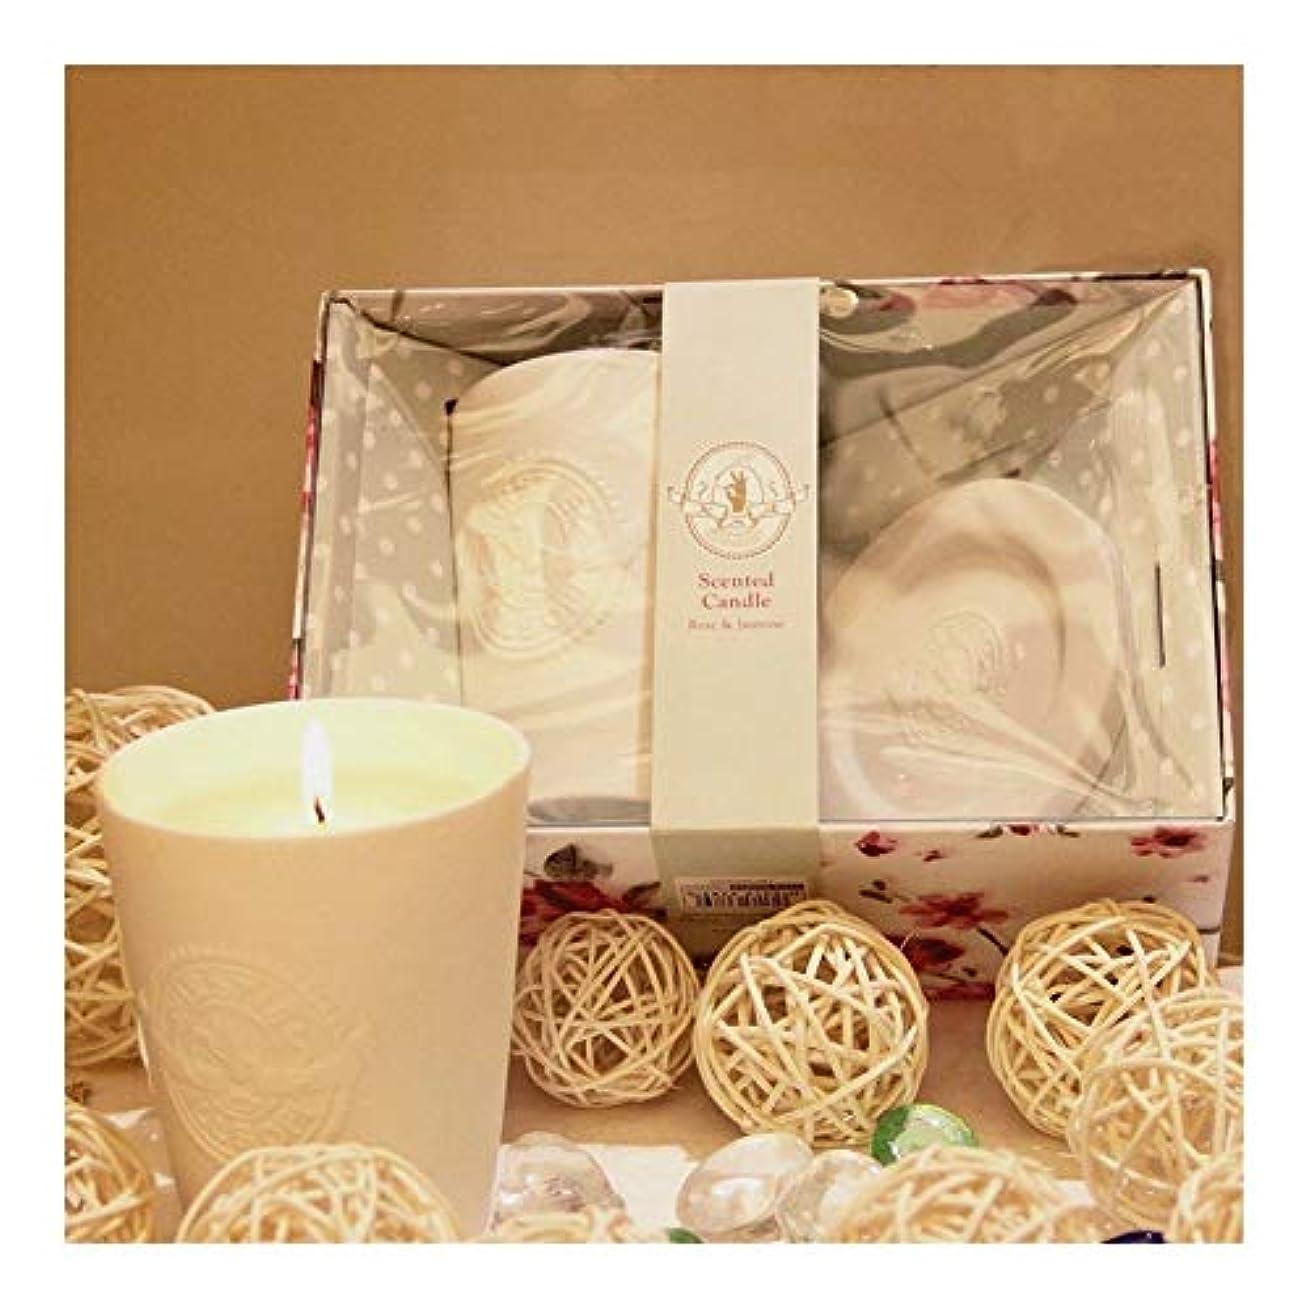 正気トレーダー配送ACAO 白い陶器のガラス、ワックス、香料入りの蝋燭、屋内臭気の蝋燭